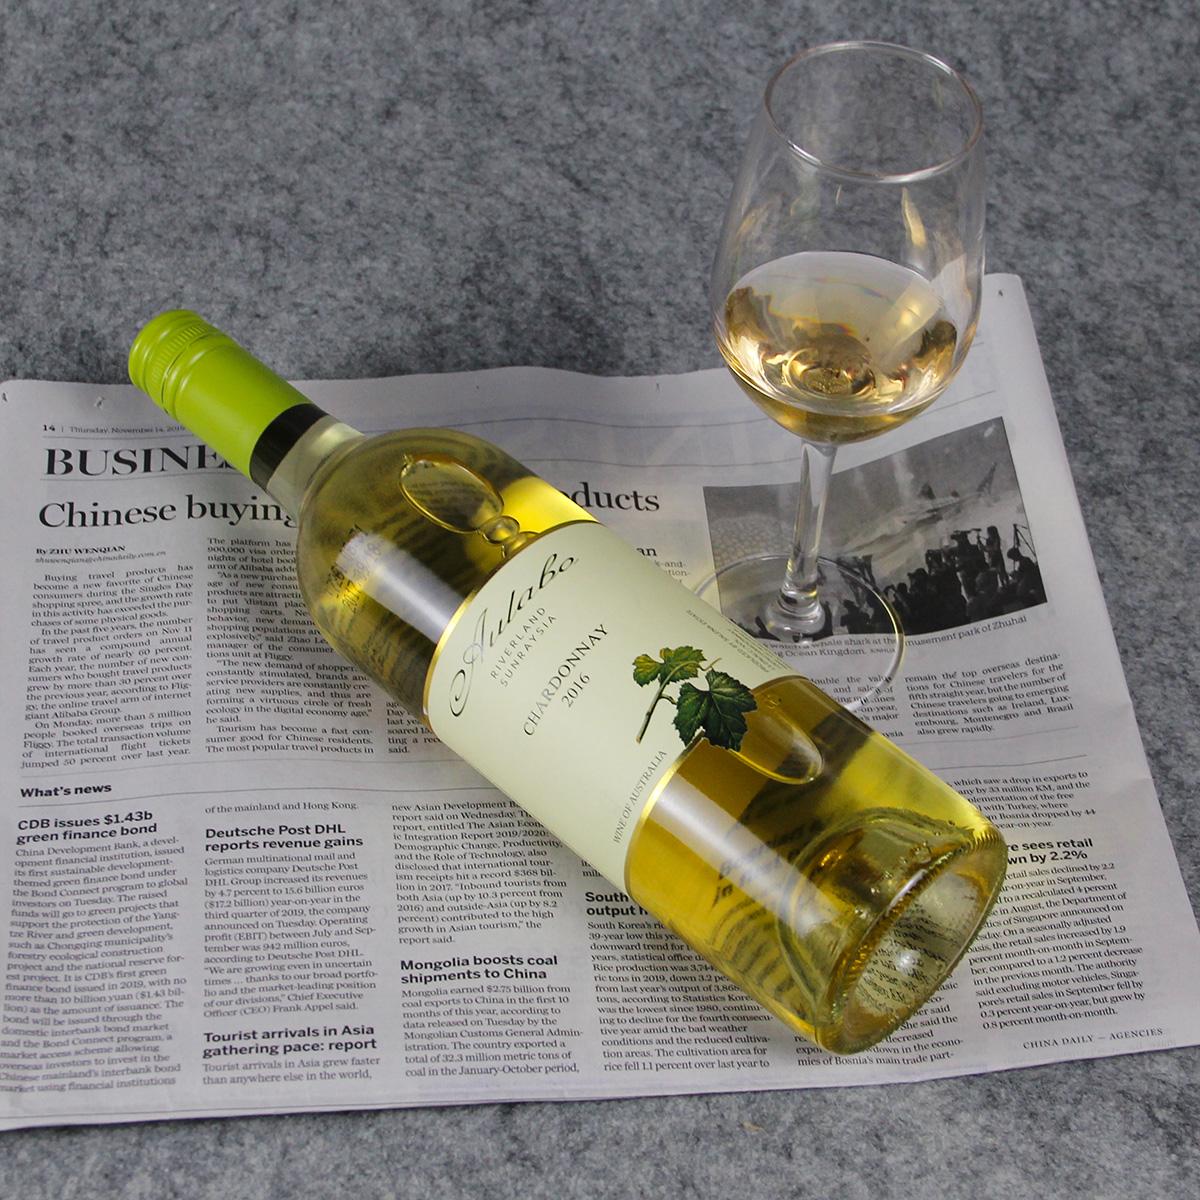 澳大利亚河地萨琳娜酒庄澳莱宝霞多丽干白葡萄酒